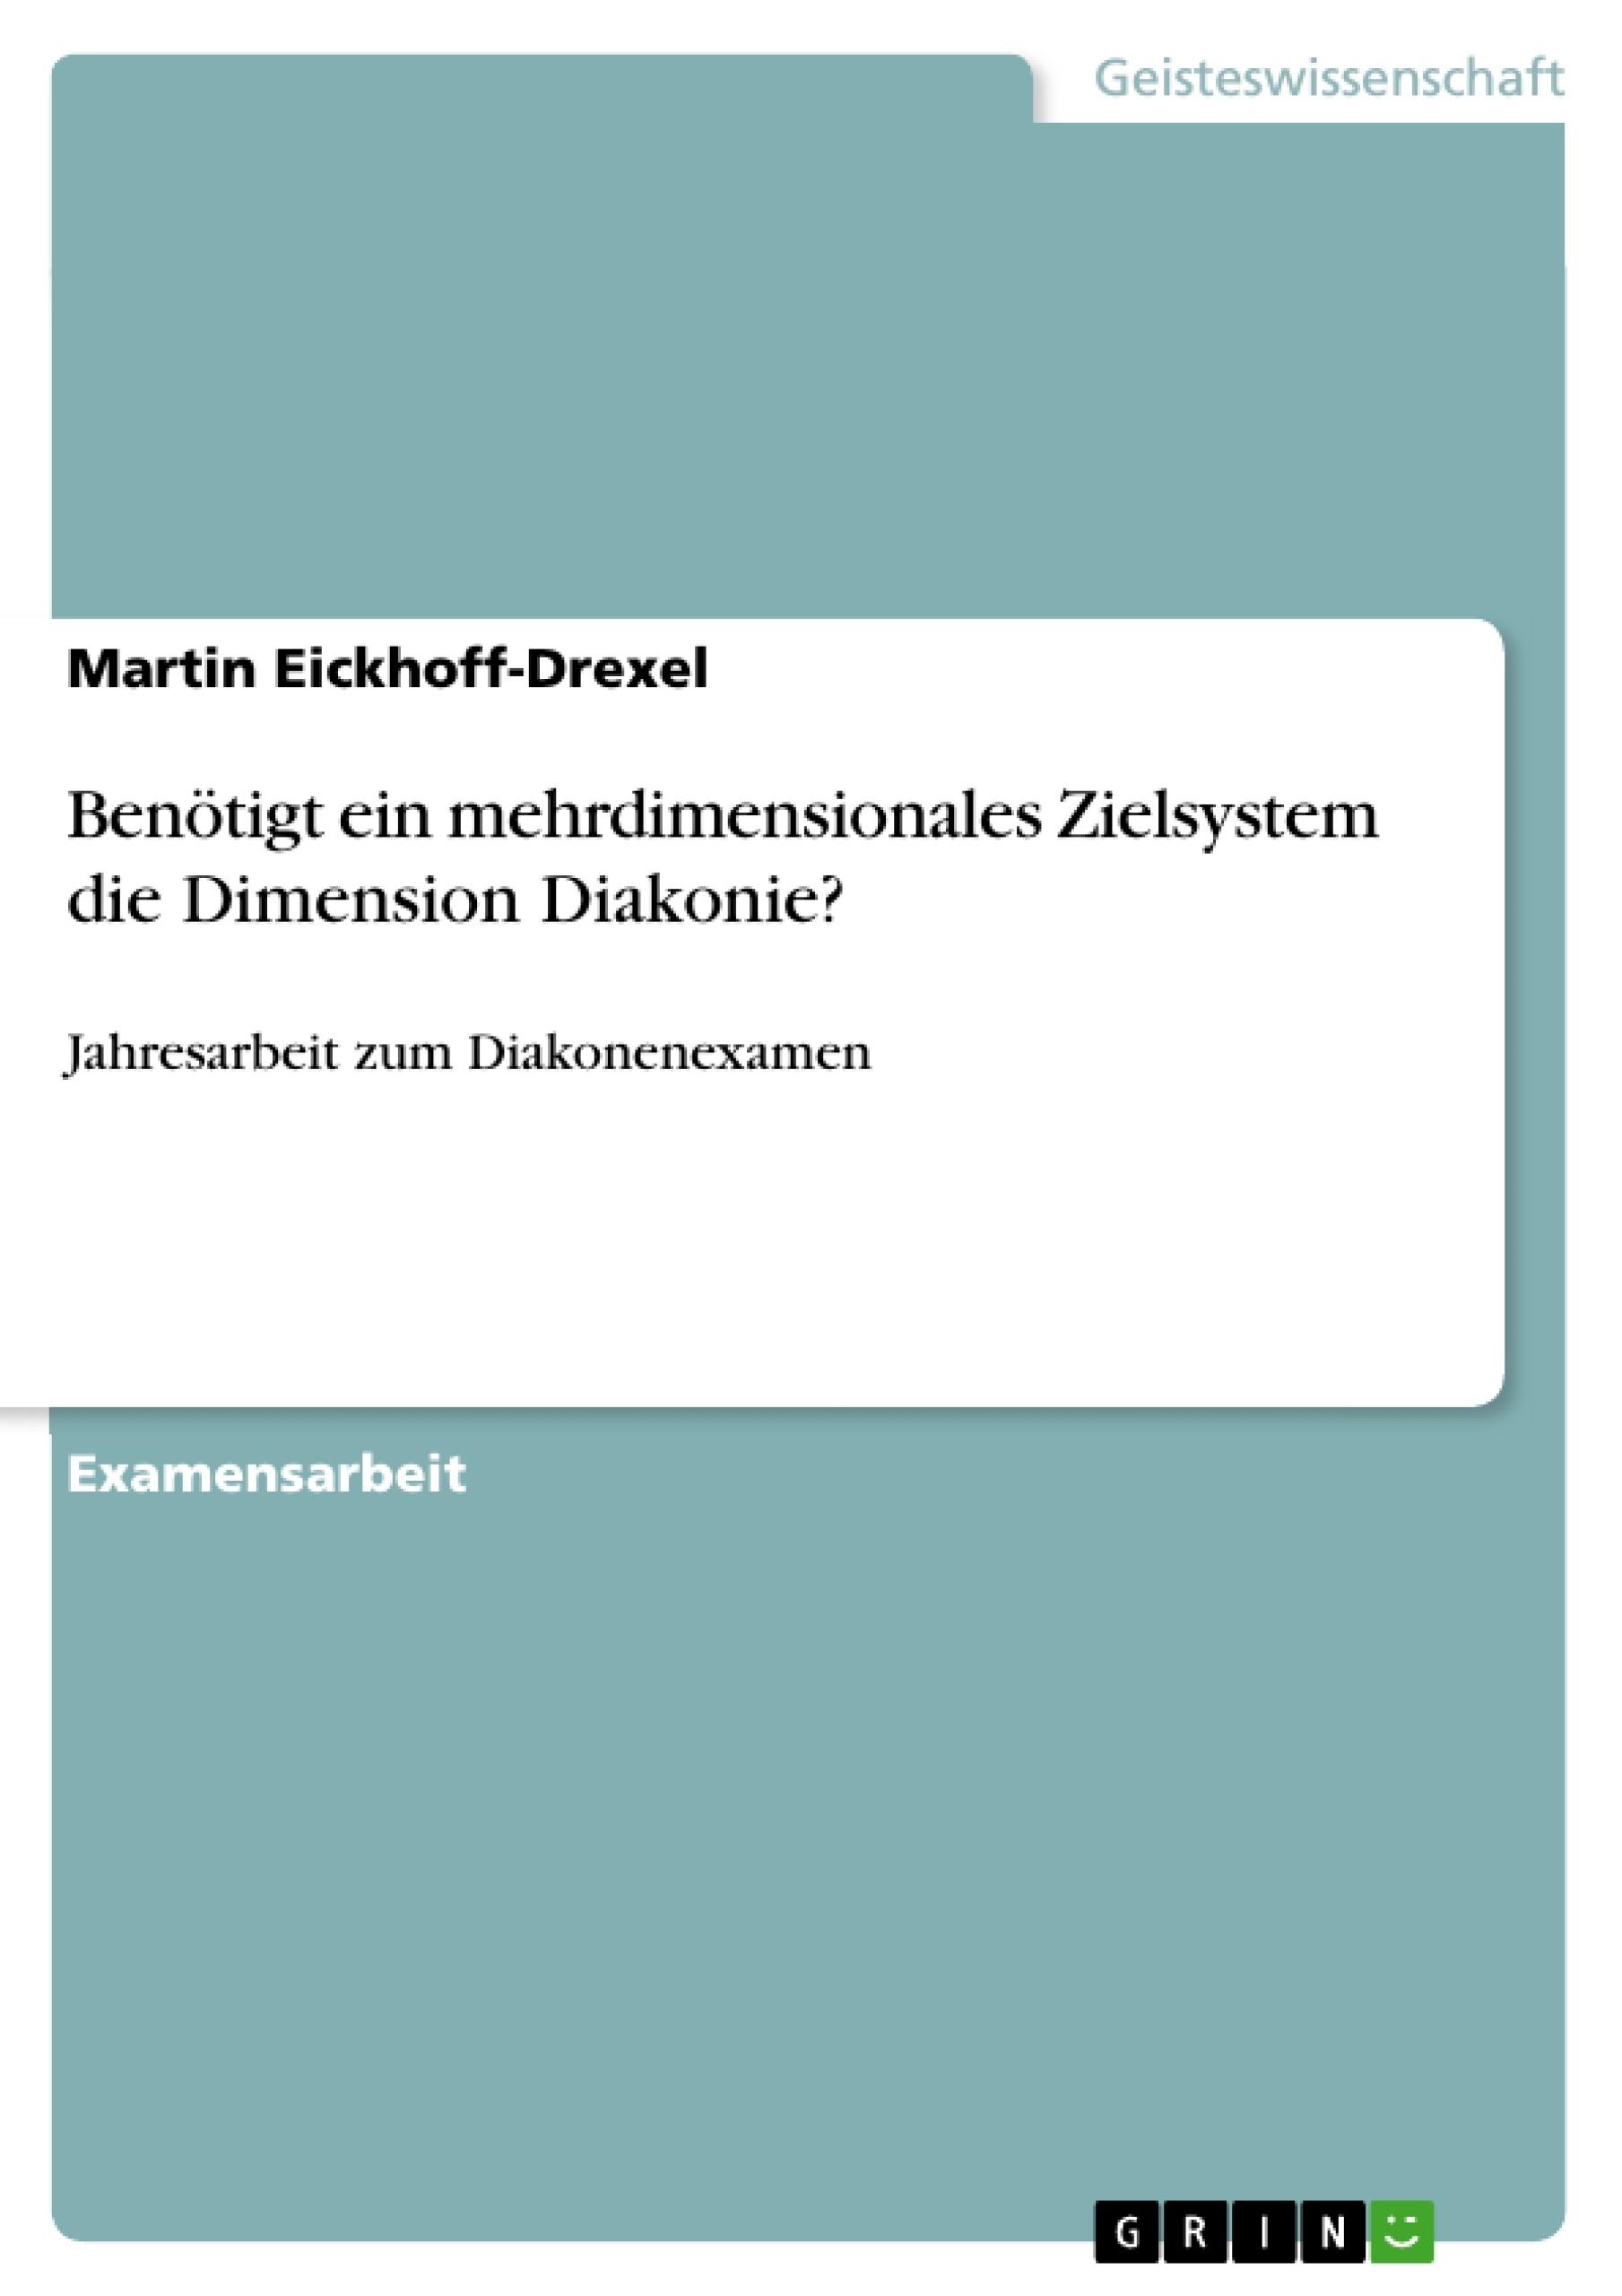 Titel: Benötigt ein mehrdimensionales Zielsystem die Dimension Diakonie?